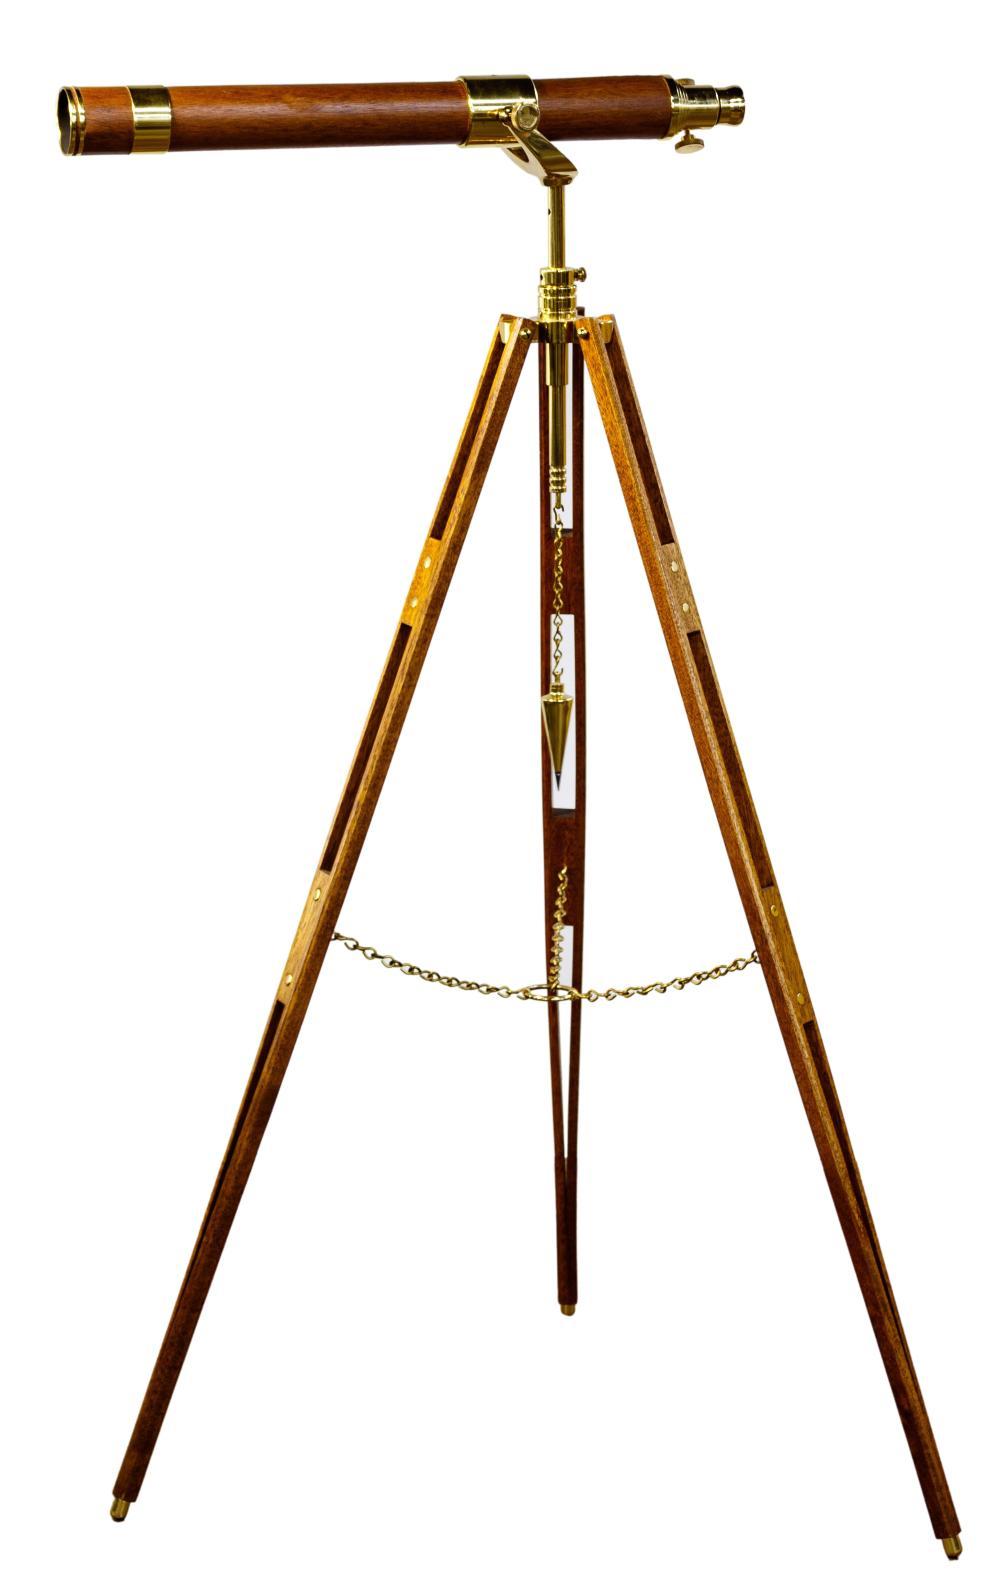 Glass Eye U.S.A Brass and Wood Telescope on Matching Tripod